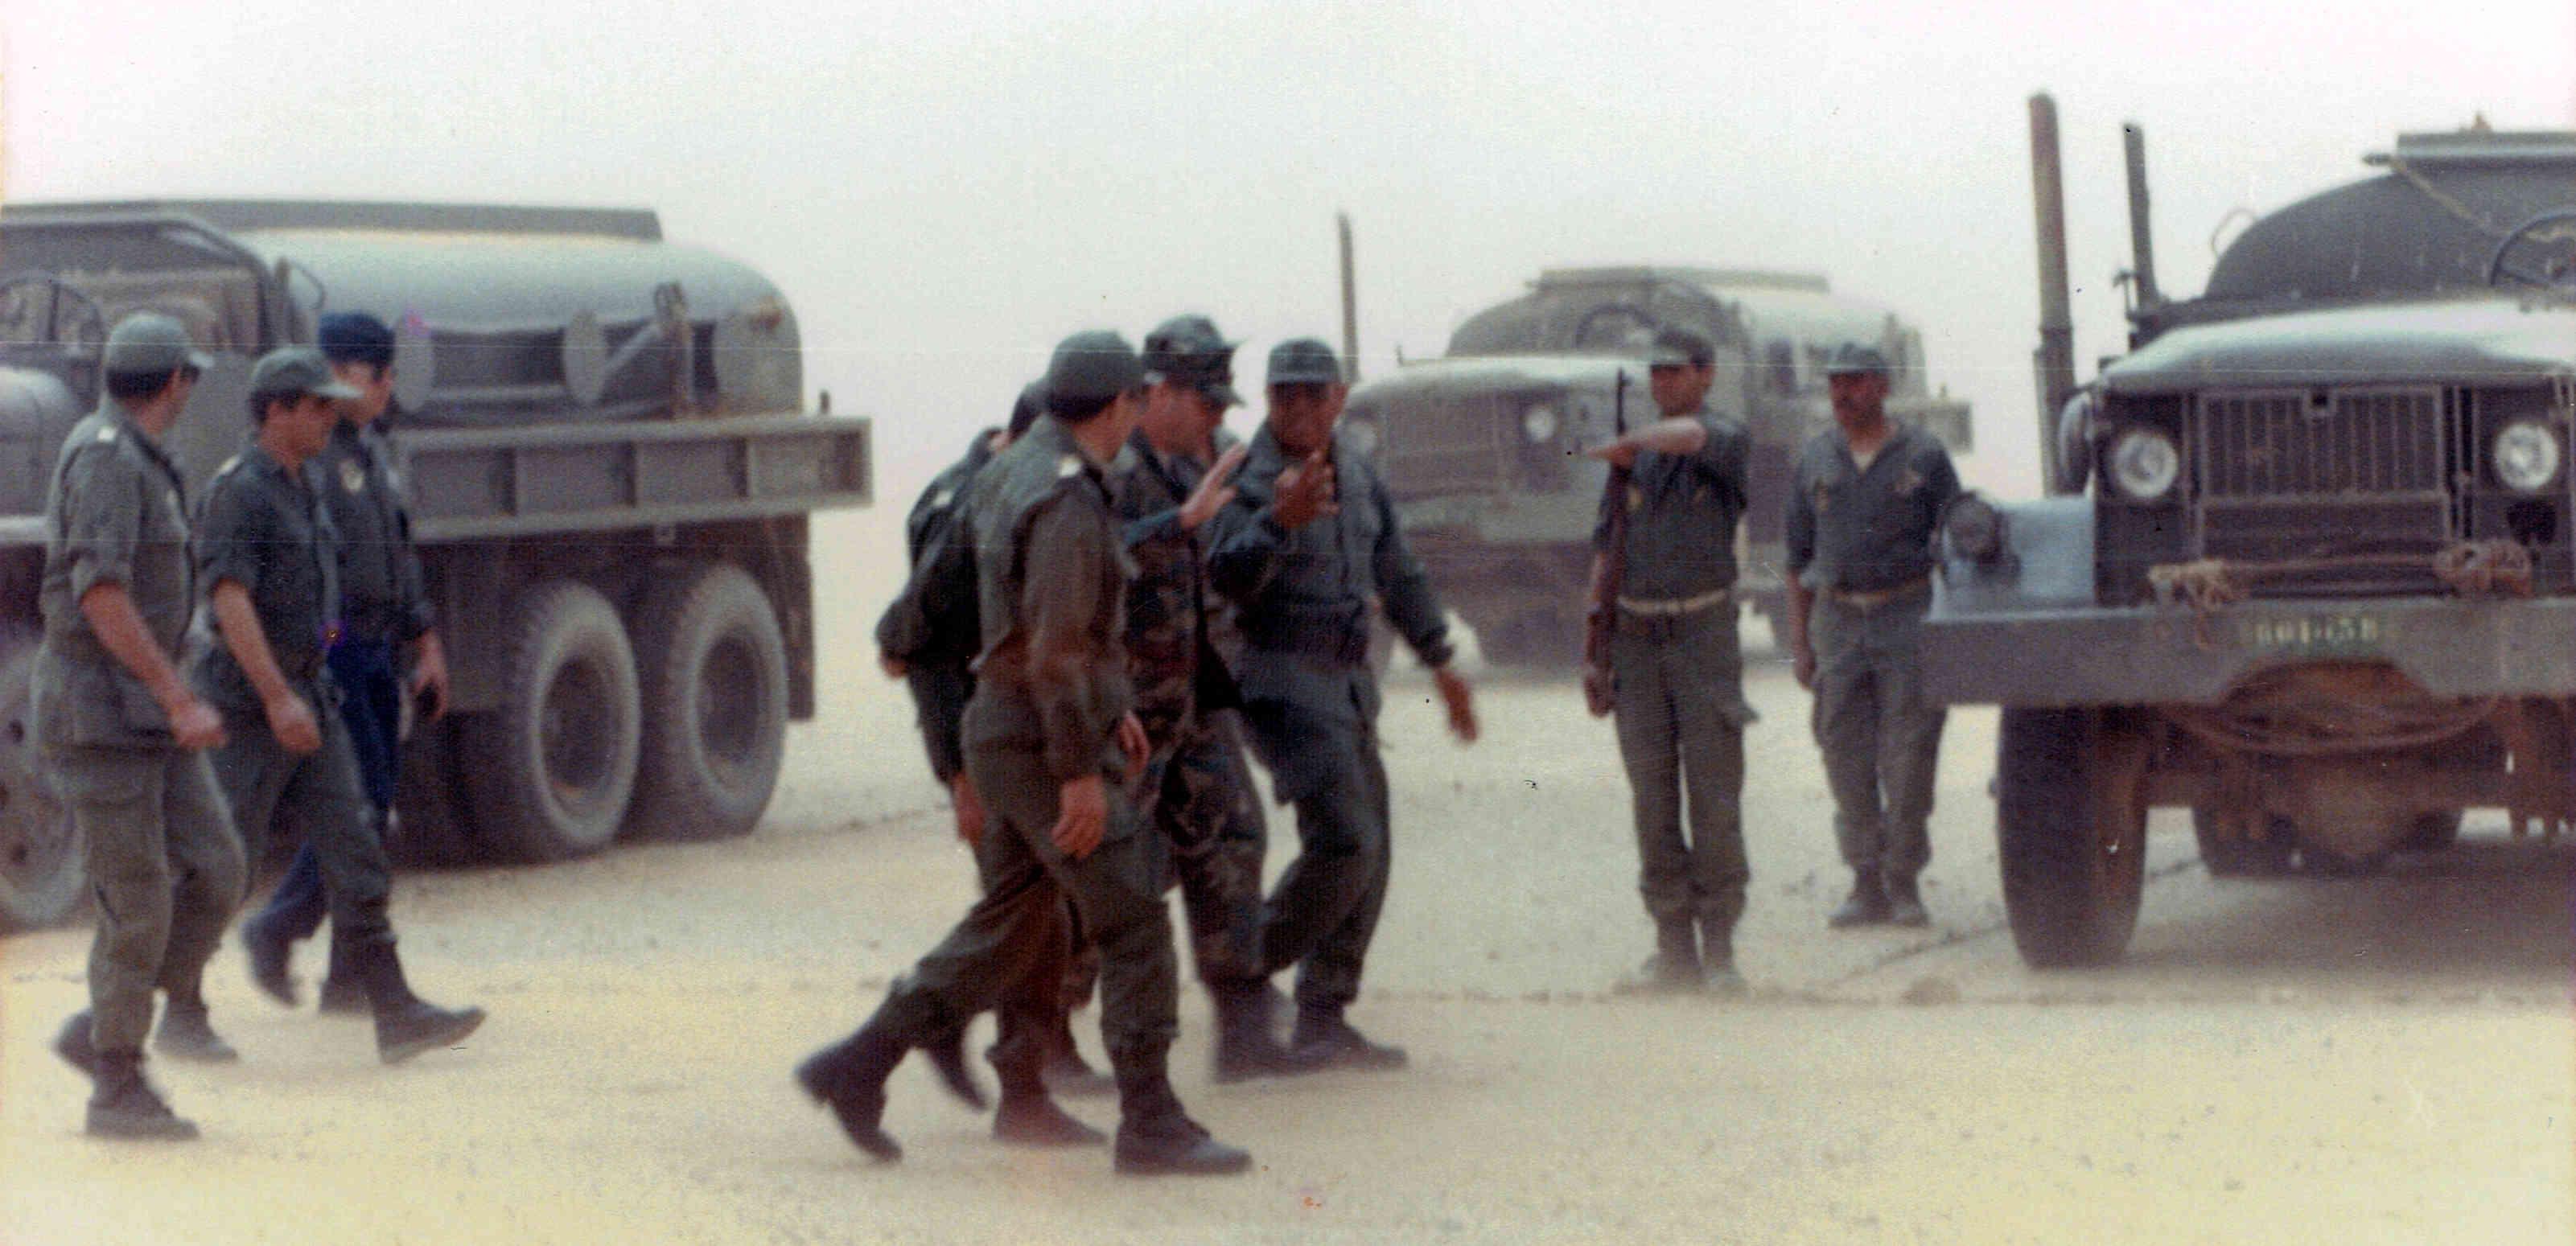 Le conflit armé du sahara marocain - Page 10 Clipb110